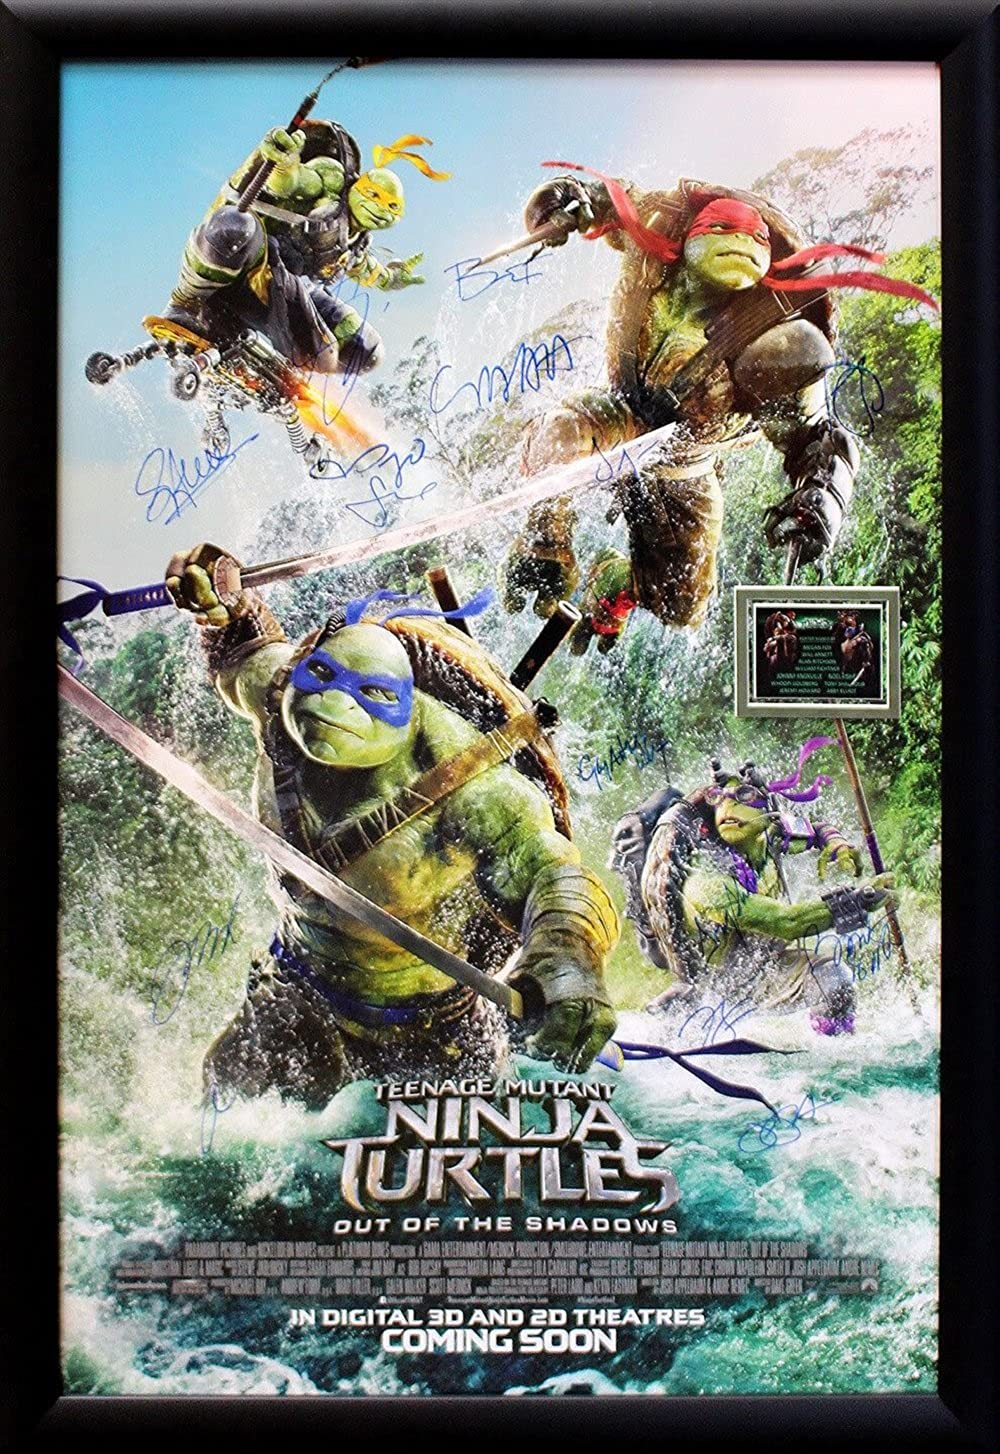 Amazon.com: Teenage Mutant Ninja Turtles - Signed Movie ...